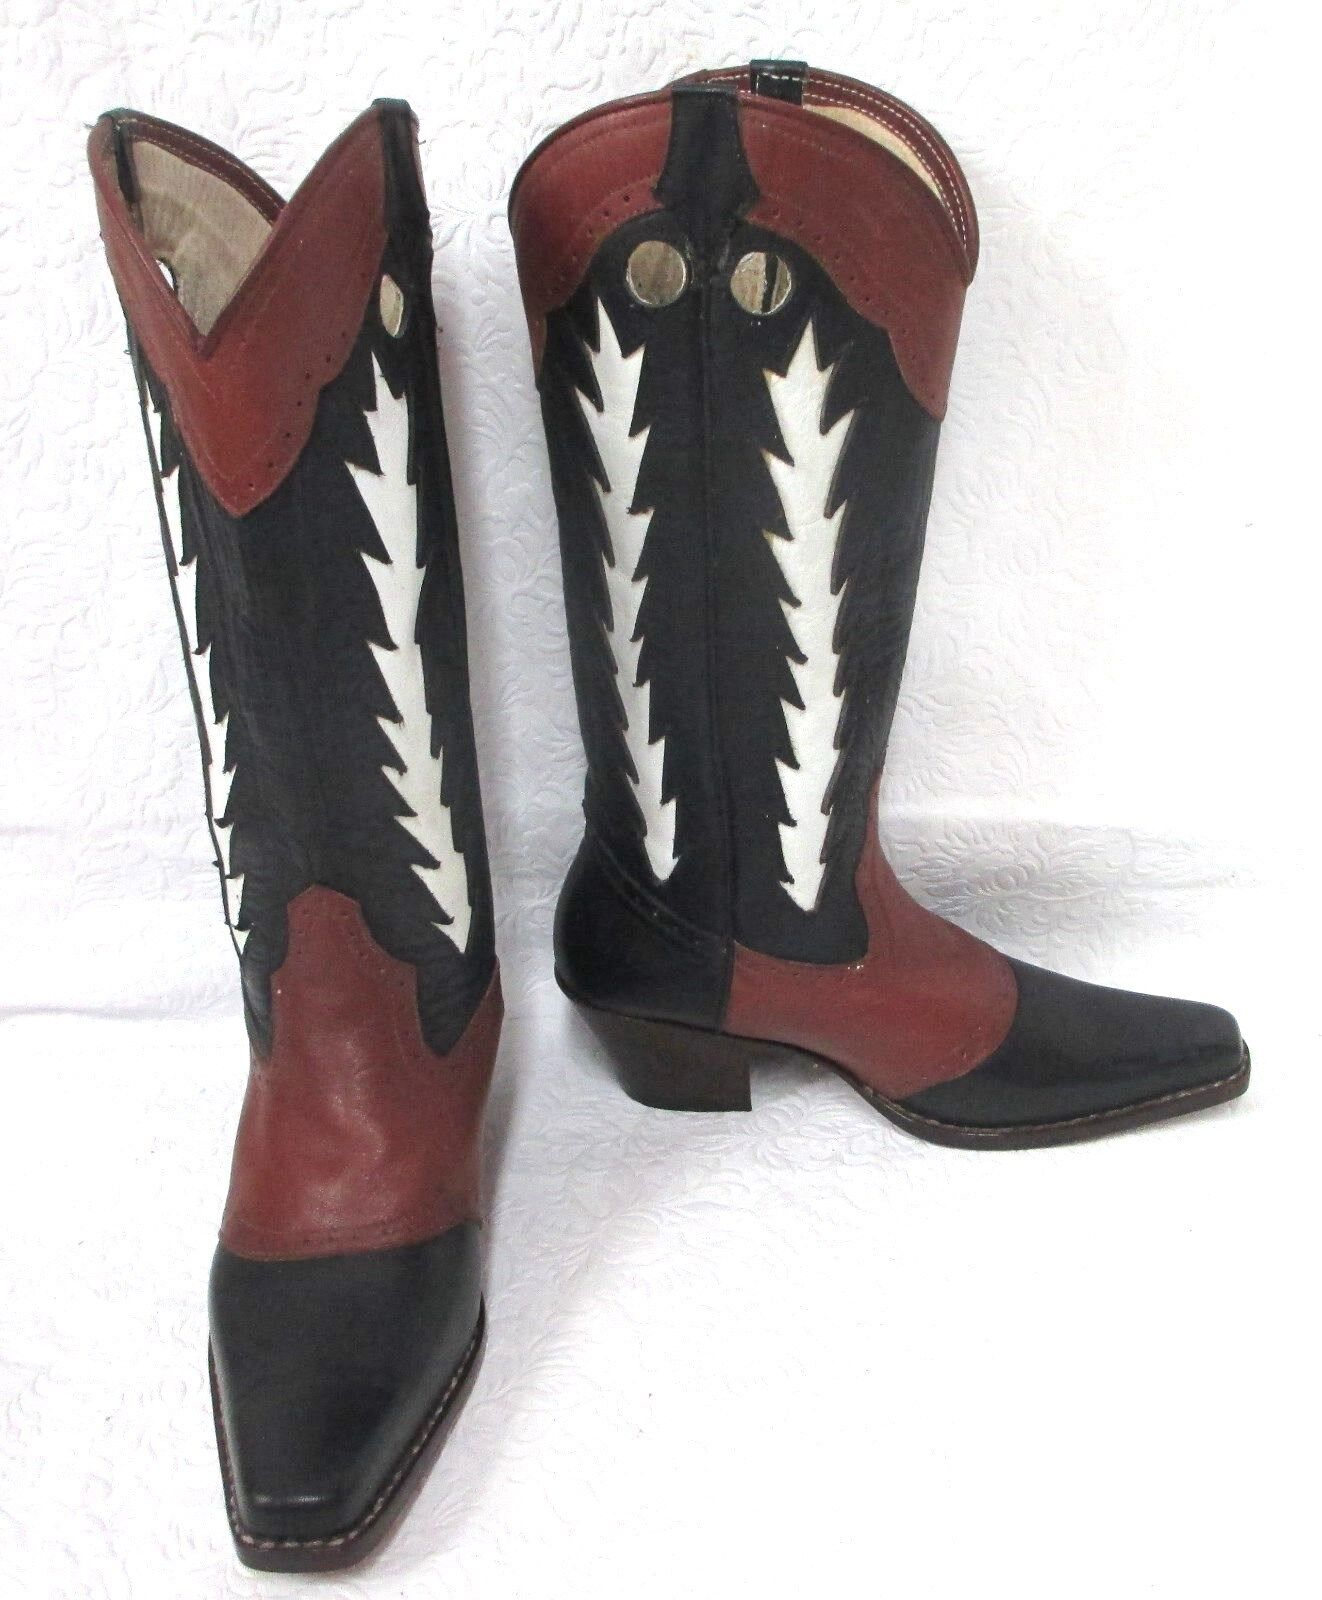 Raro  la la  Mundial LM para mujer Negro Marrón con incrustaciones de Vaqueros De Cuero blancoo botas 5M eda52d